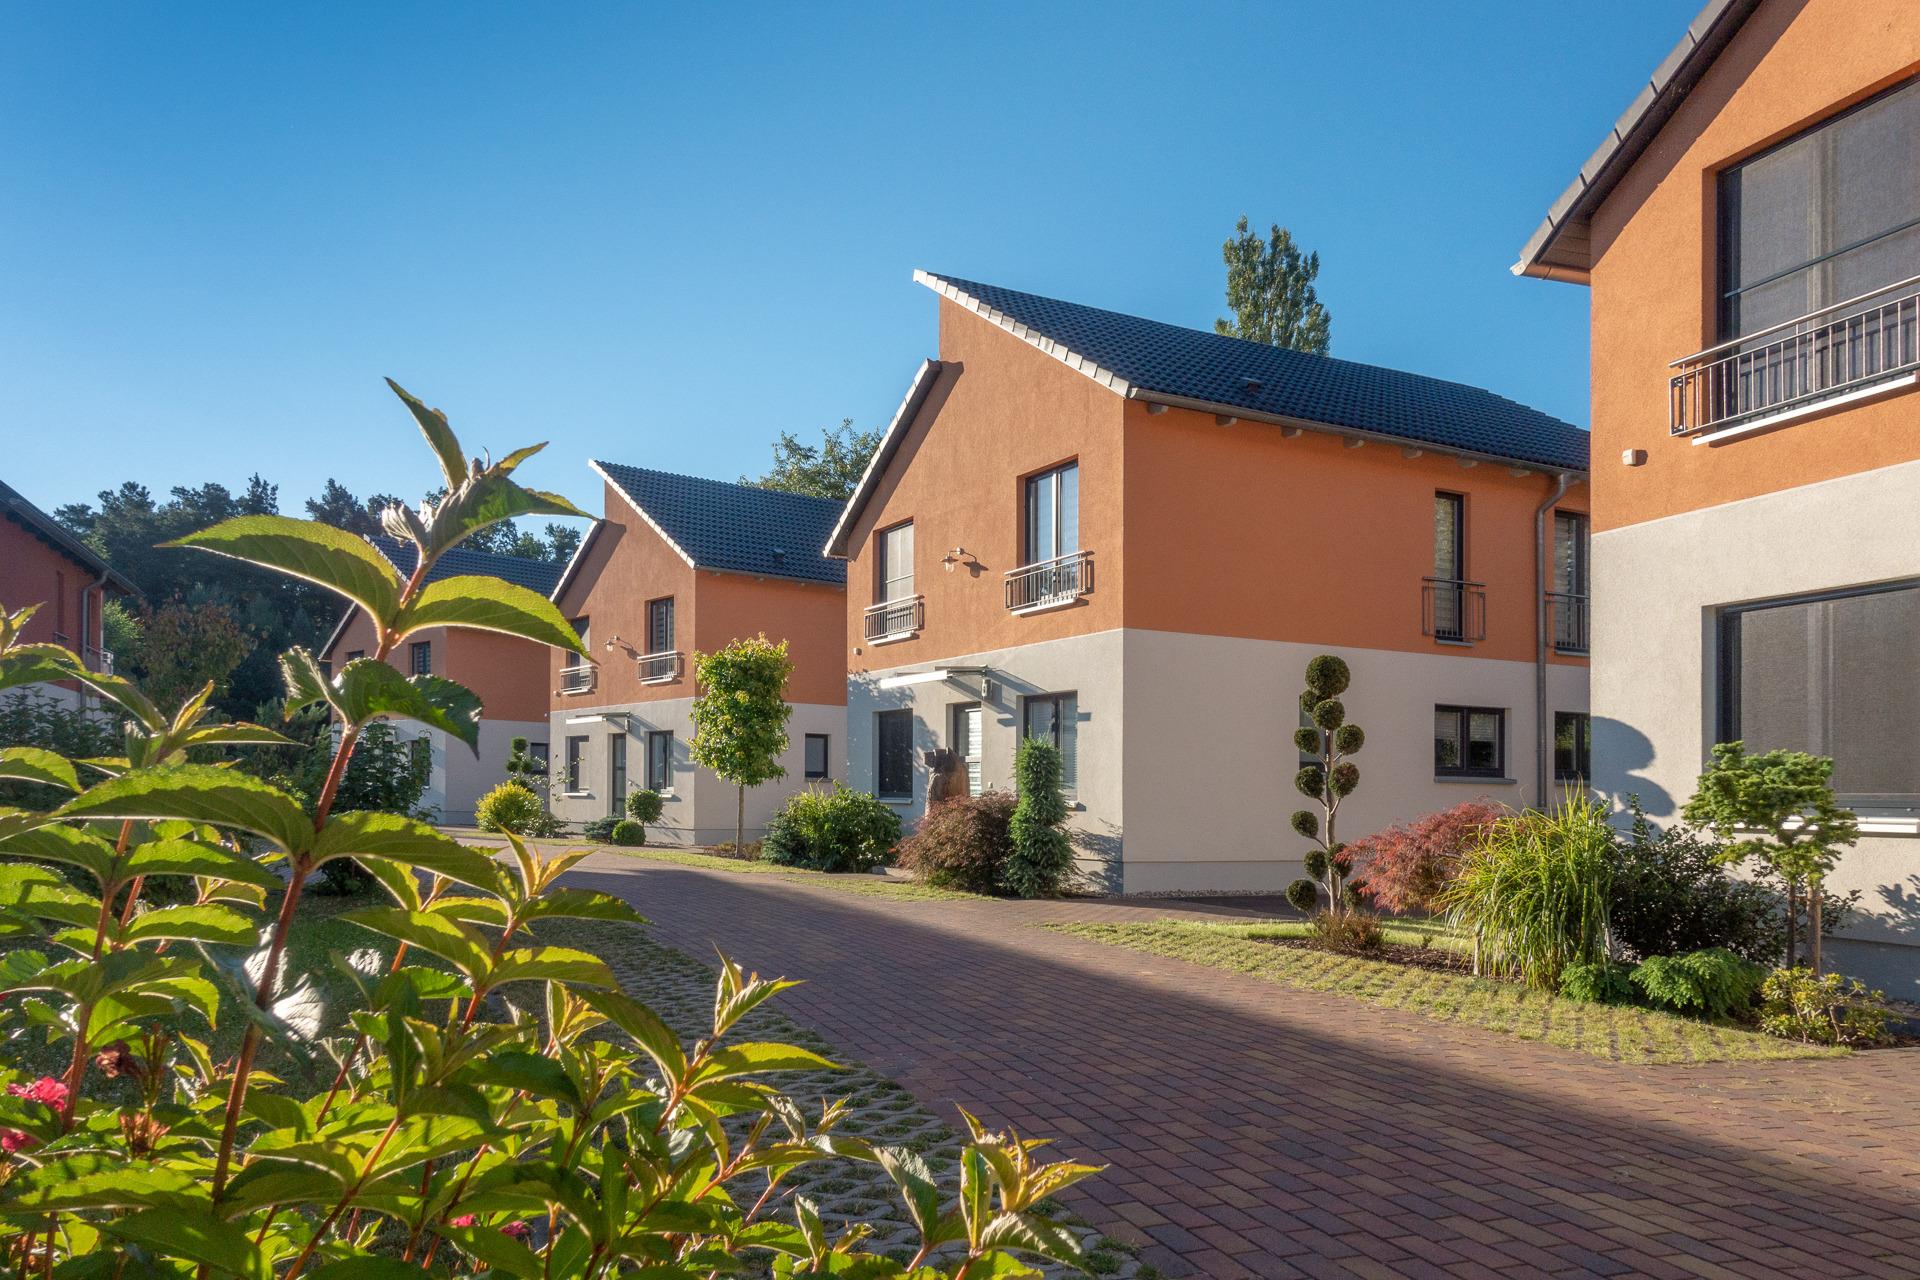 Ferienhaus 13 Erle Ferienhaus am Bodensee